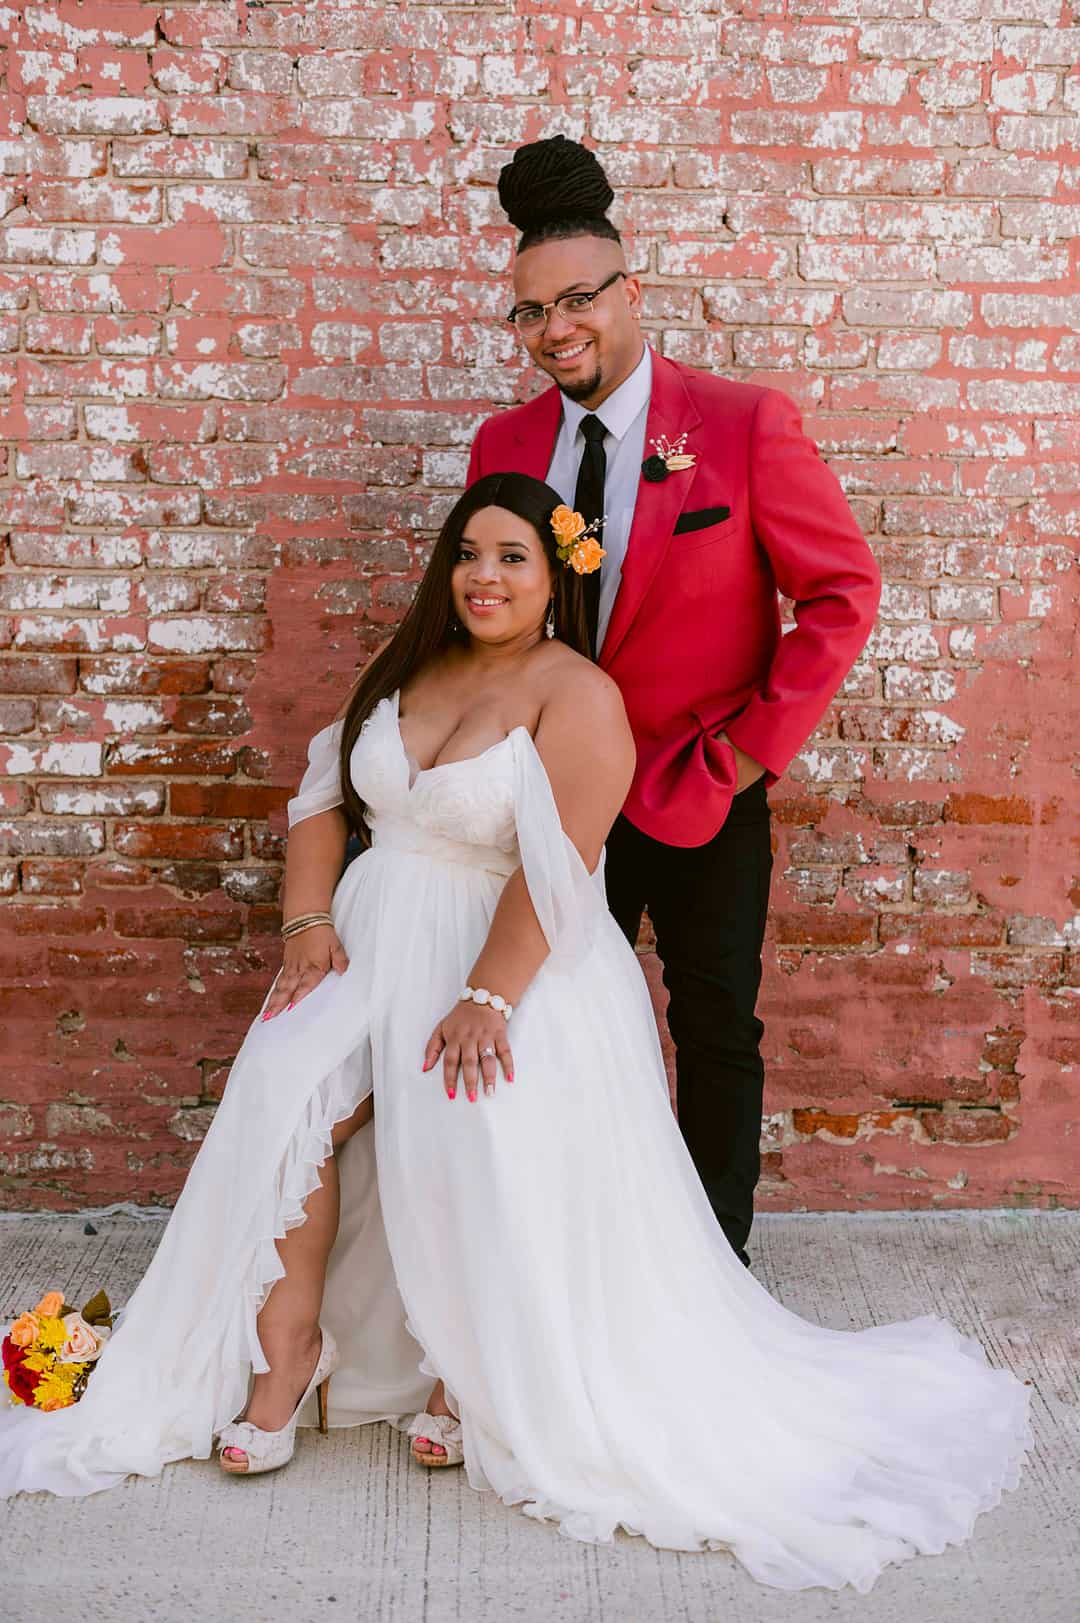 BEAUTIFUL WEDDING INSPIRATION FOR COUPLES WHO WANT TO CELEBRATE THEIR SPANISH CULTURE 23 - Ý TƯỞNG ĐÁM CƯỚI CHỦ ĐỀ TÂY BAN NHA |  Bespoke-Bride: Wedding Blog